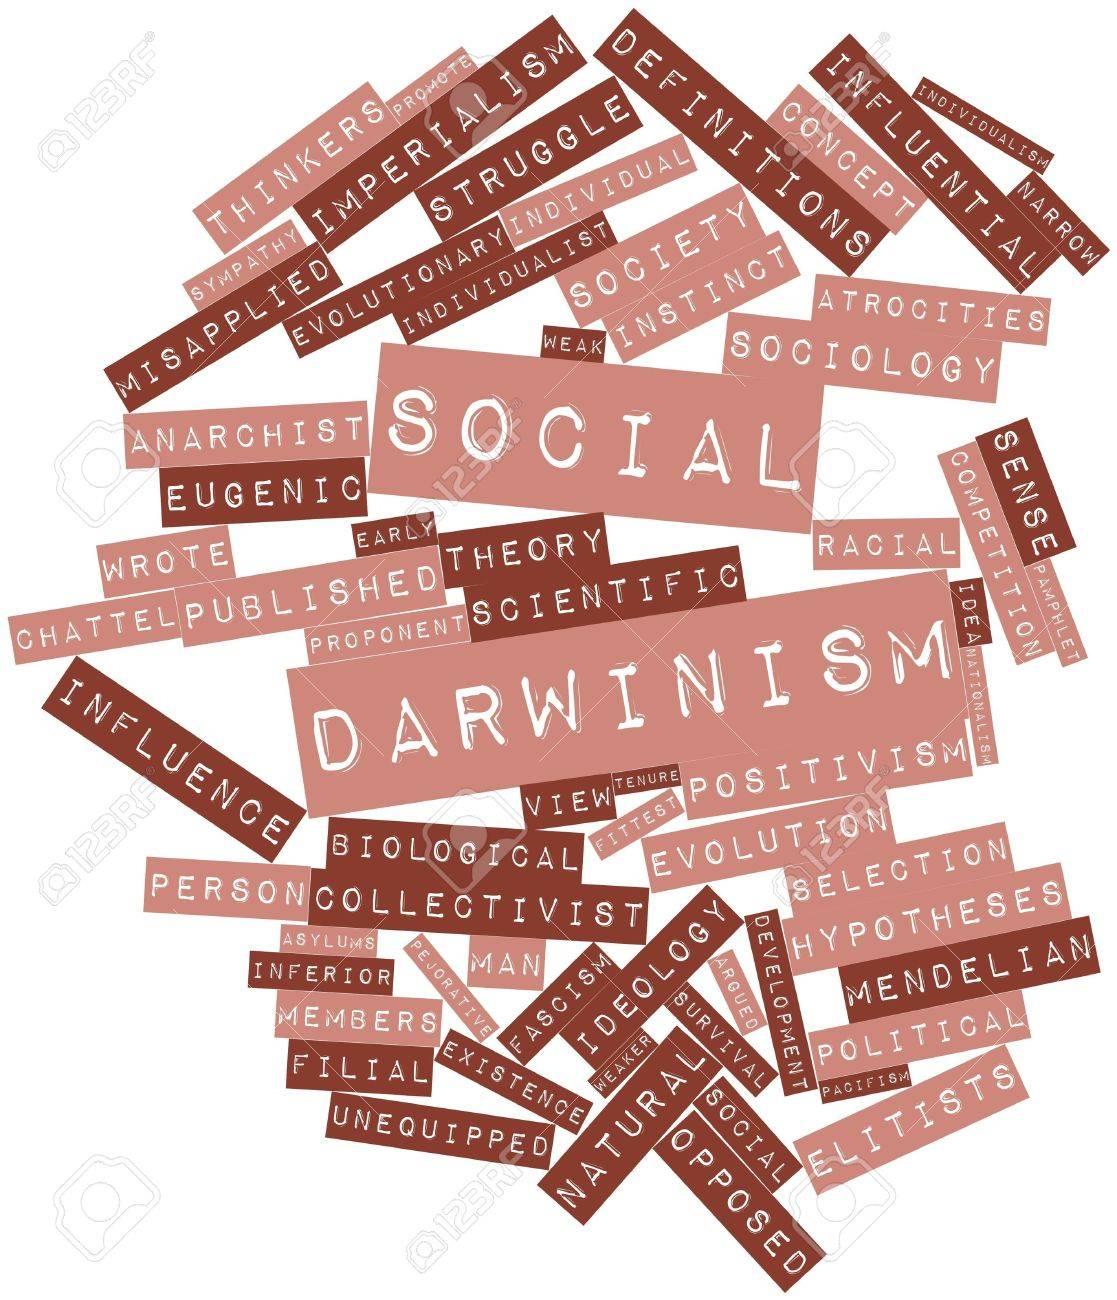 ダーウィニズム 社会